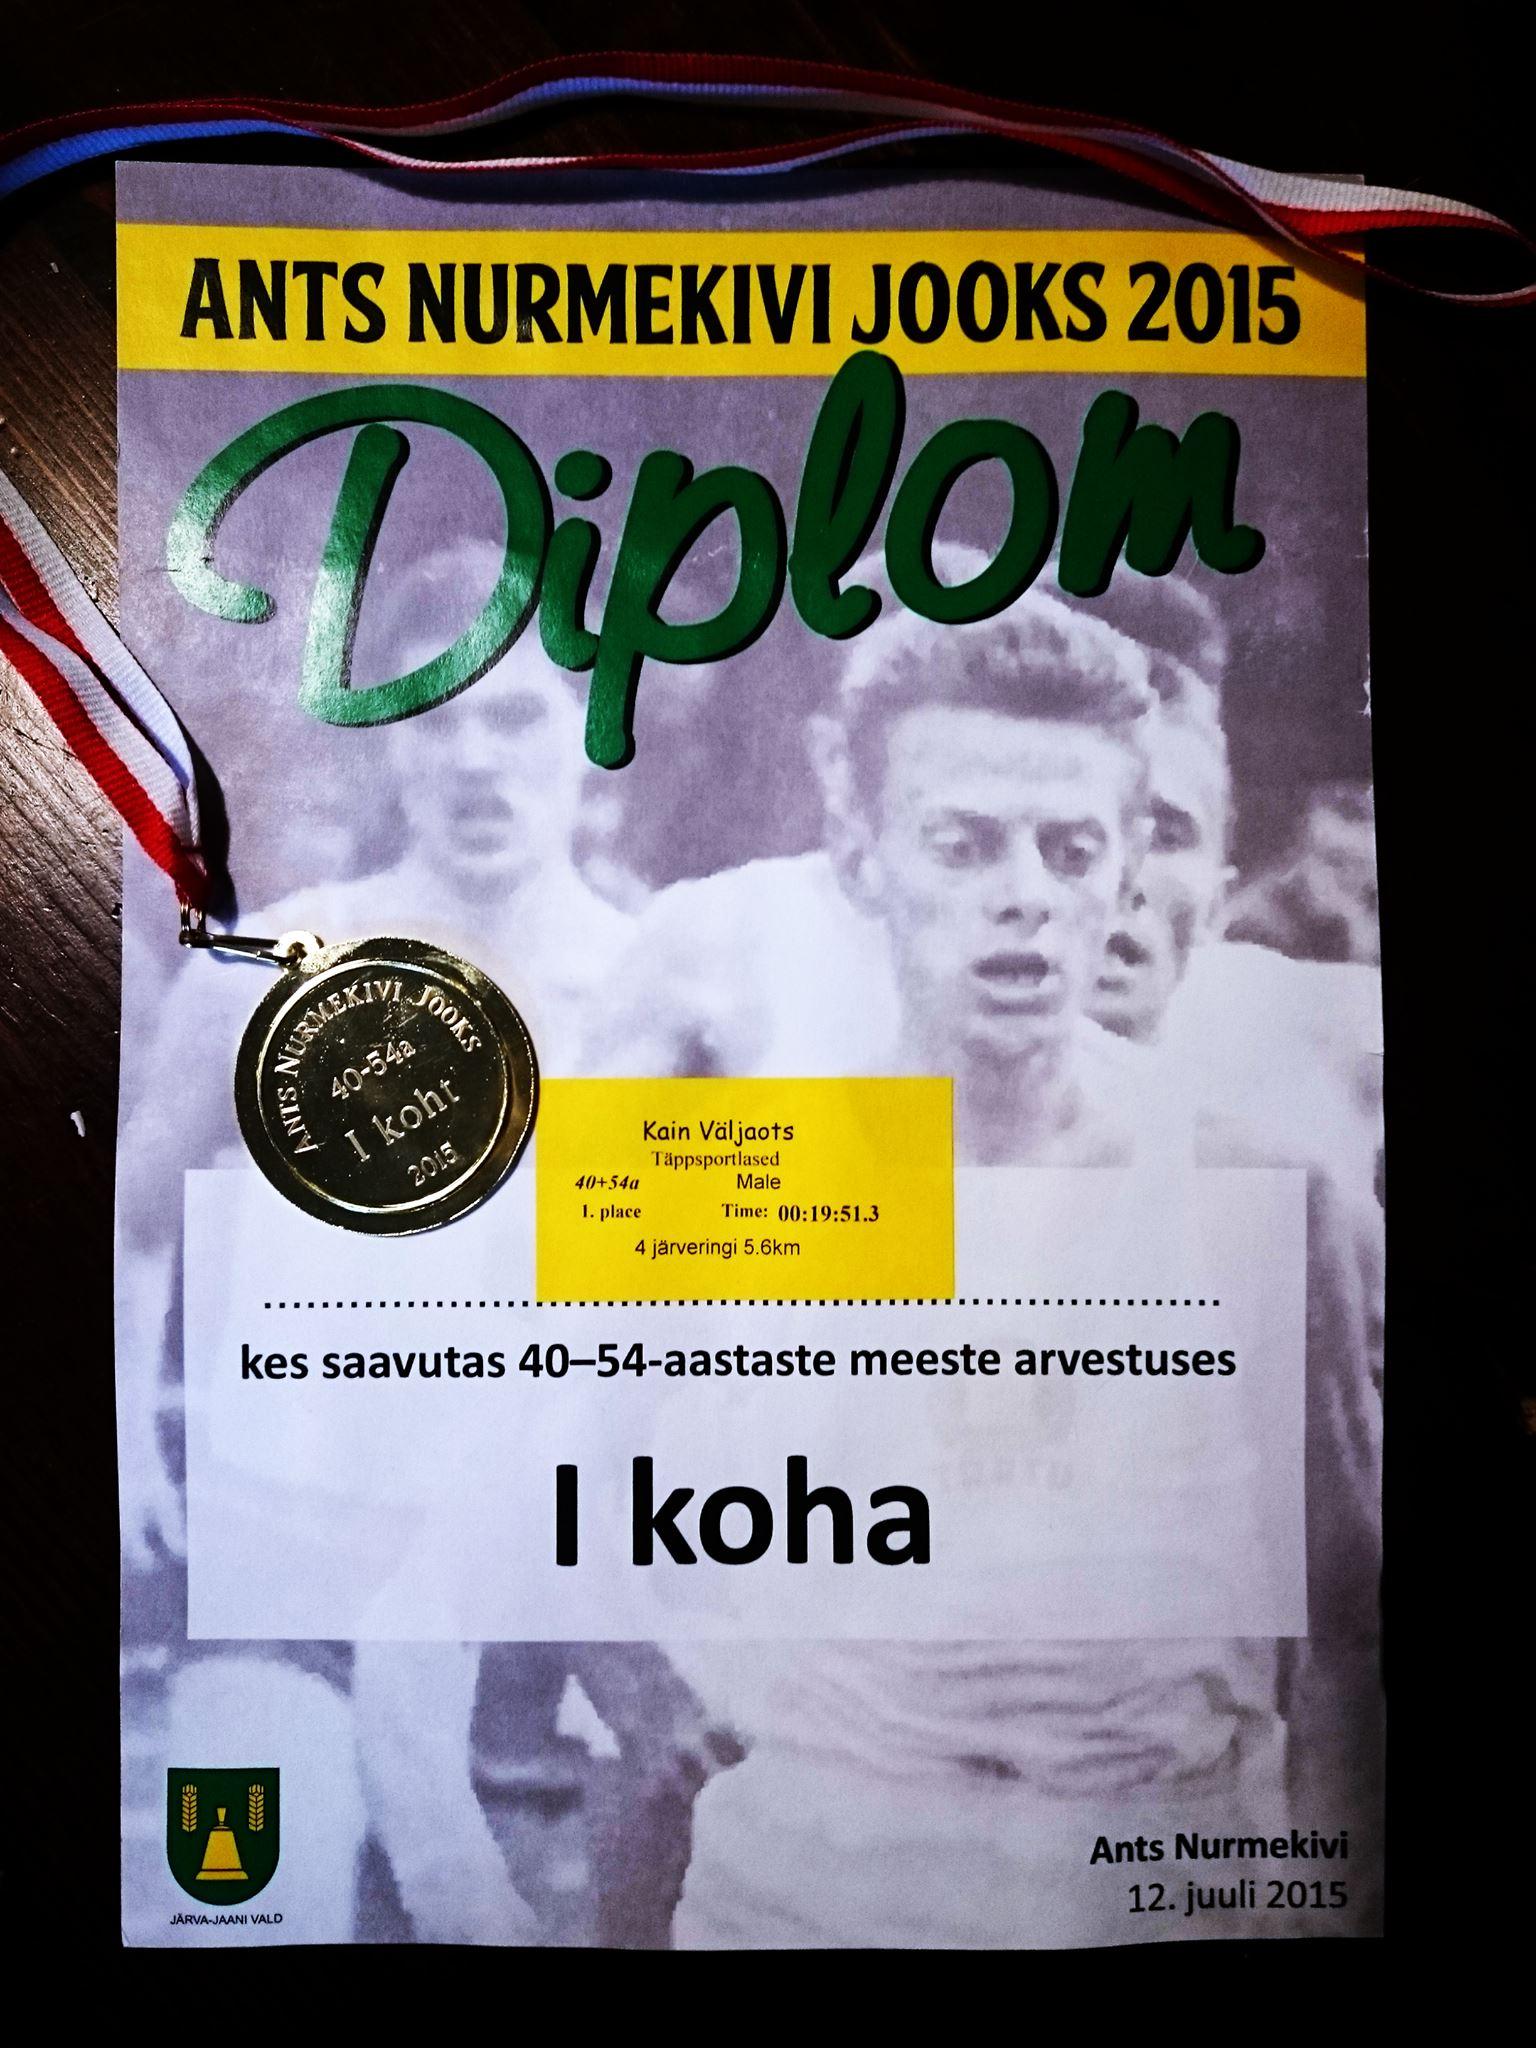 , Ants Nurmekivi jooks, Täppsportlased